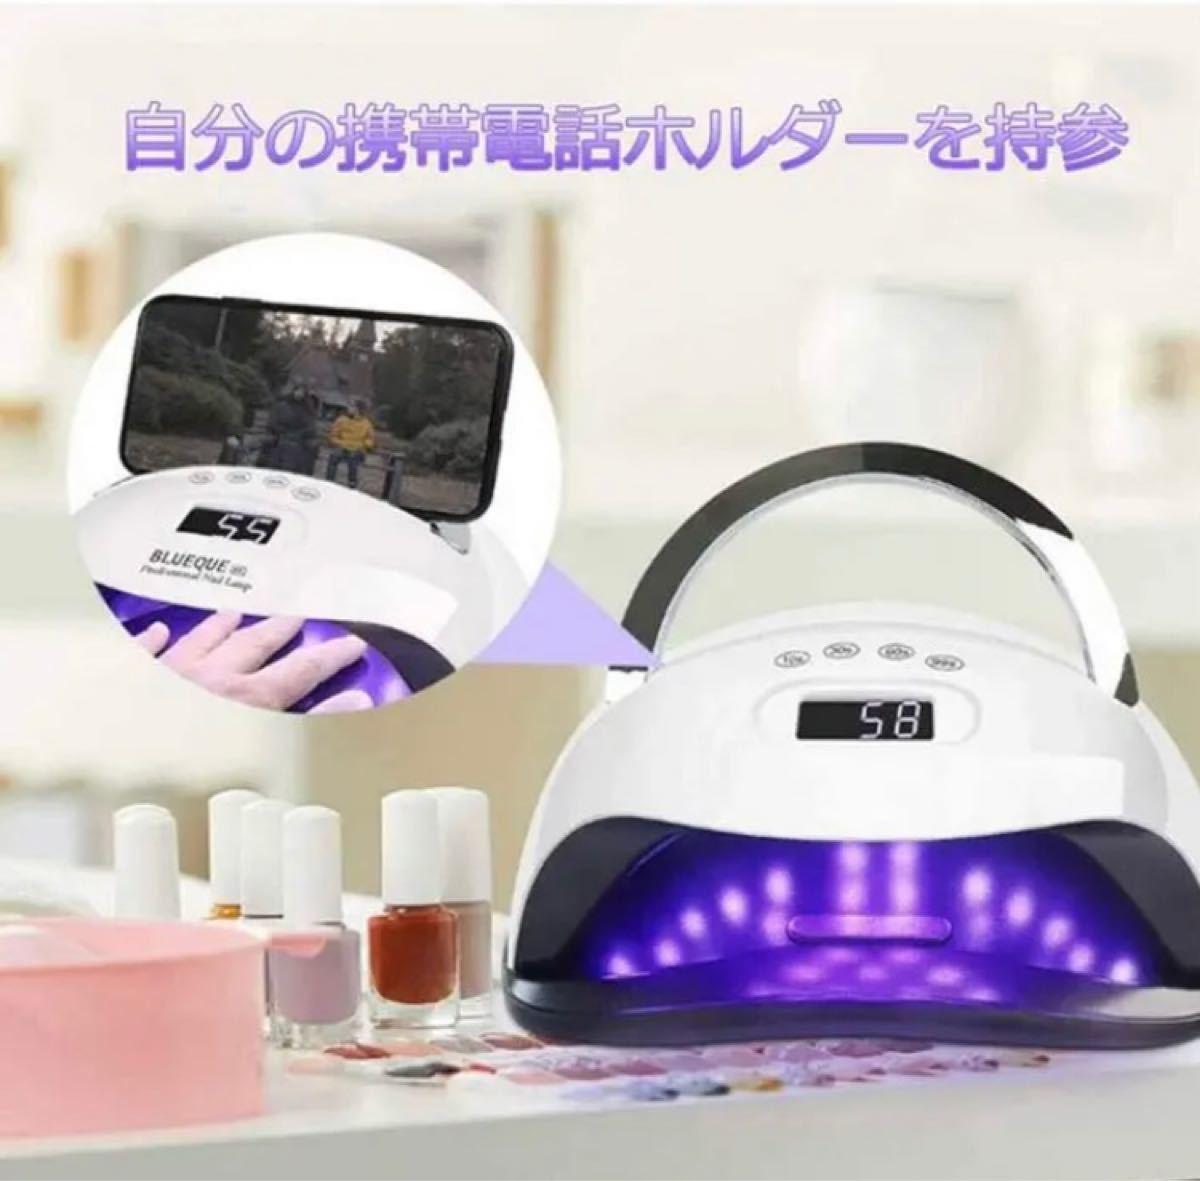 UVライト ネイルドライヤー36LEDS 168W レジン用 四つタイマー